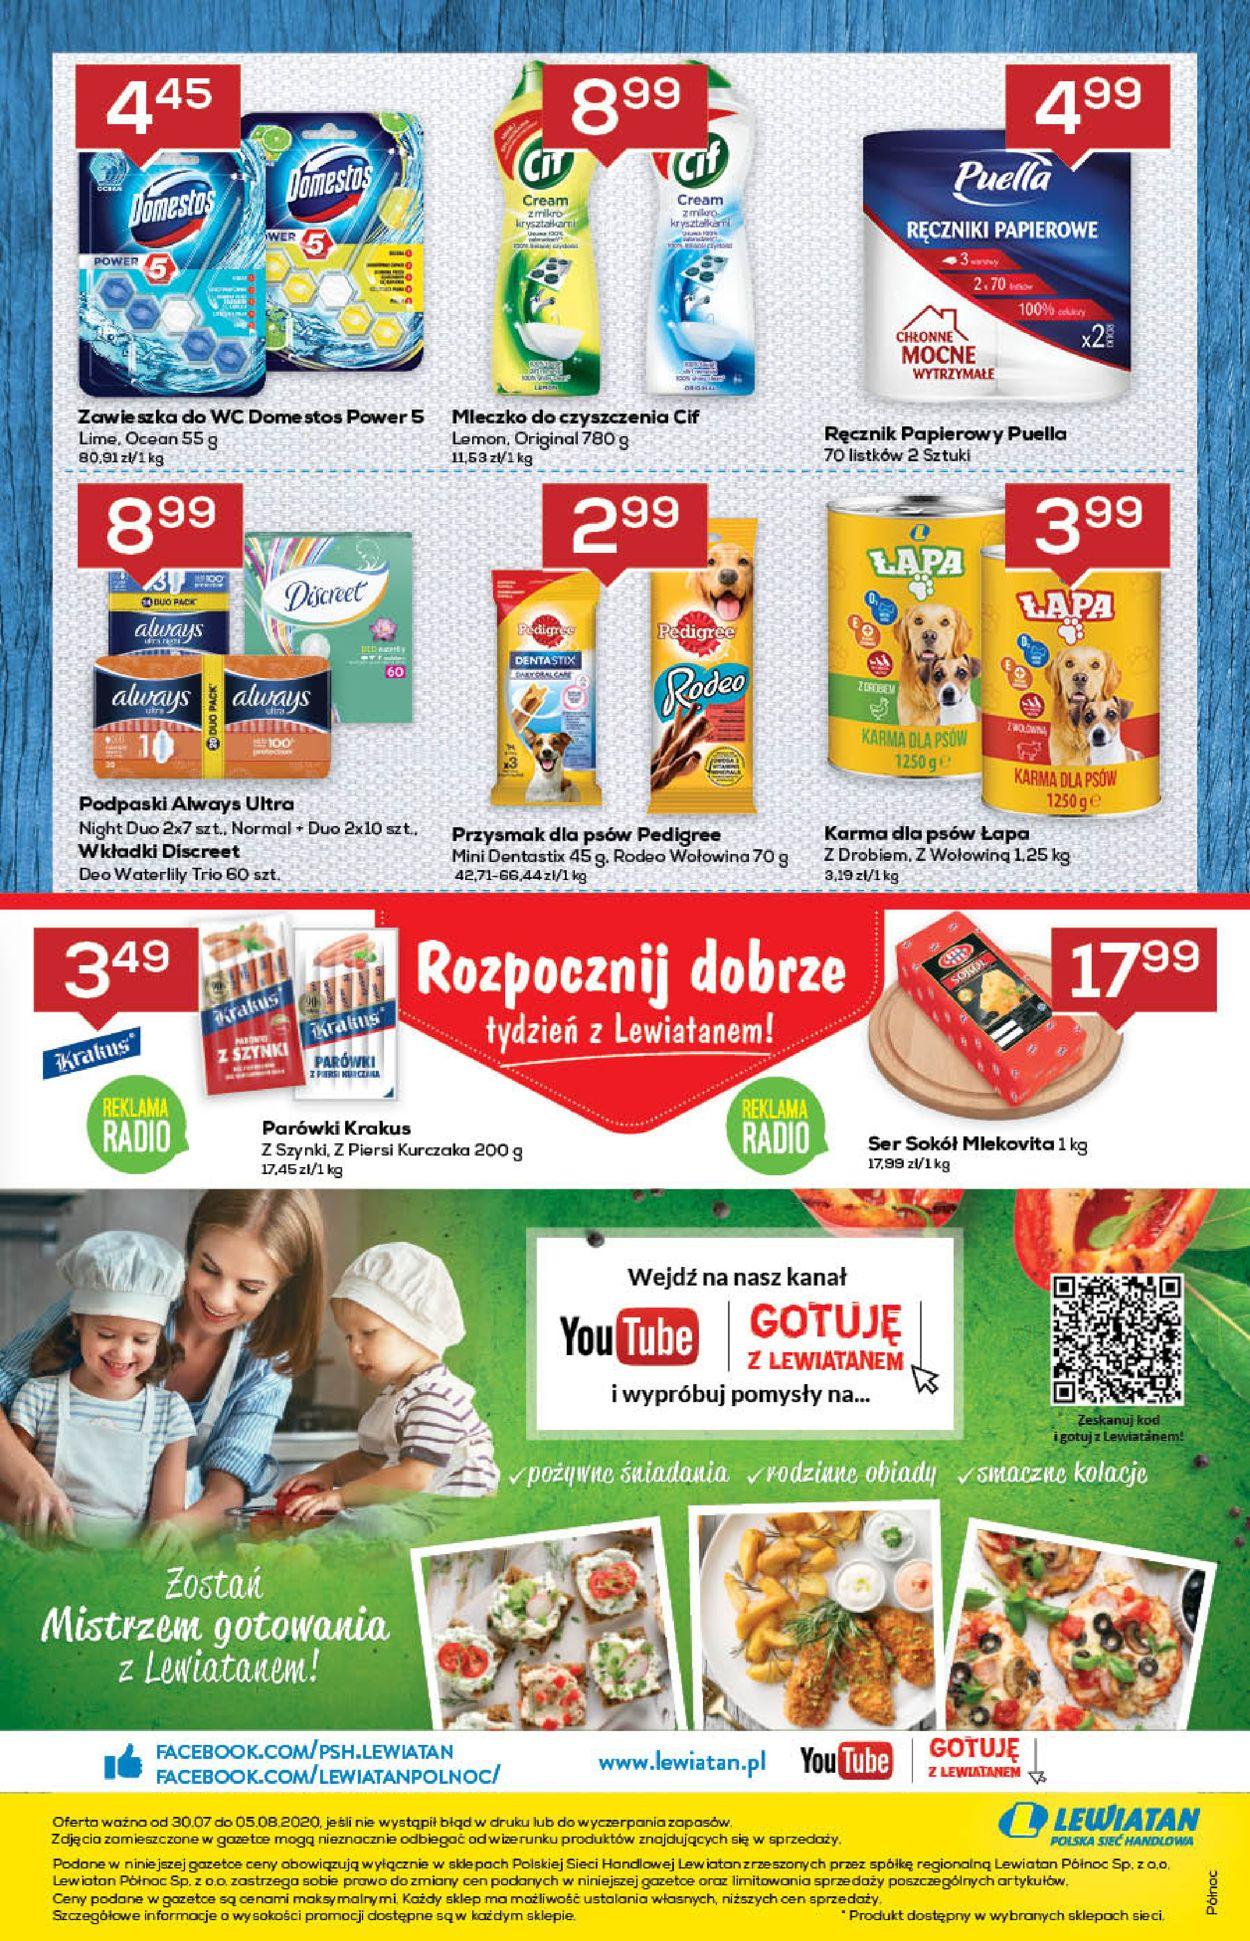 Gazetka promocyjna Lewiatan - 30.07-05.08.2020 (Strona 8)